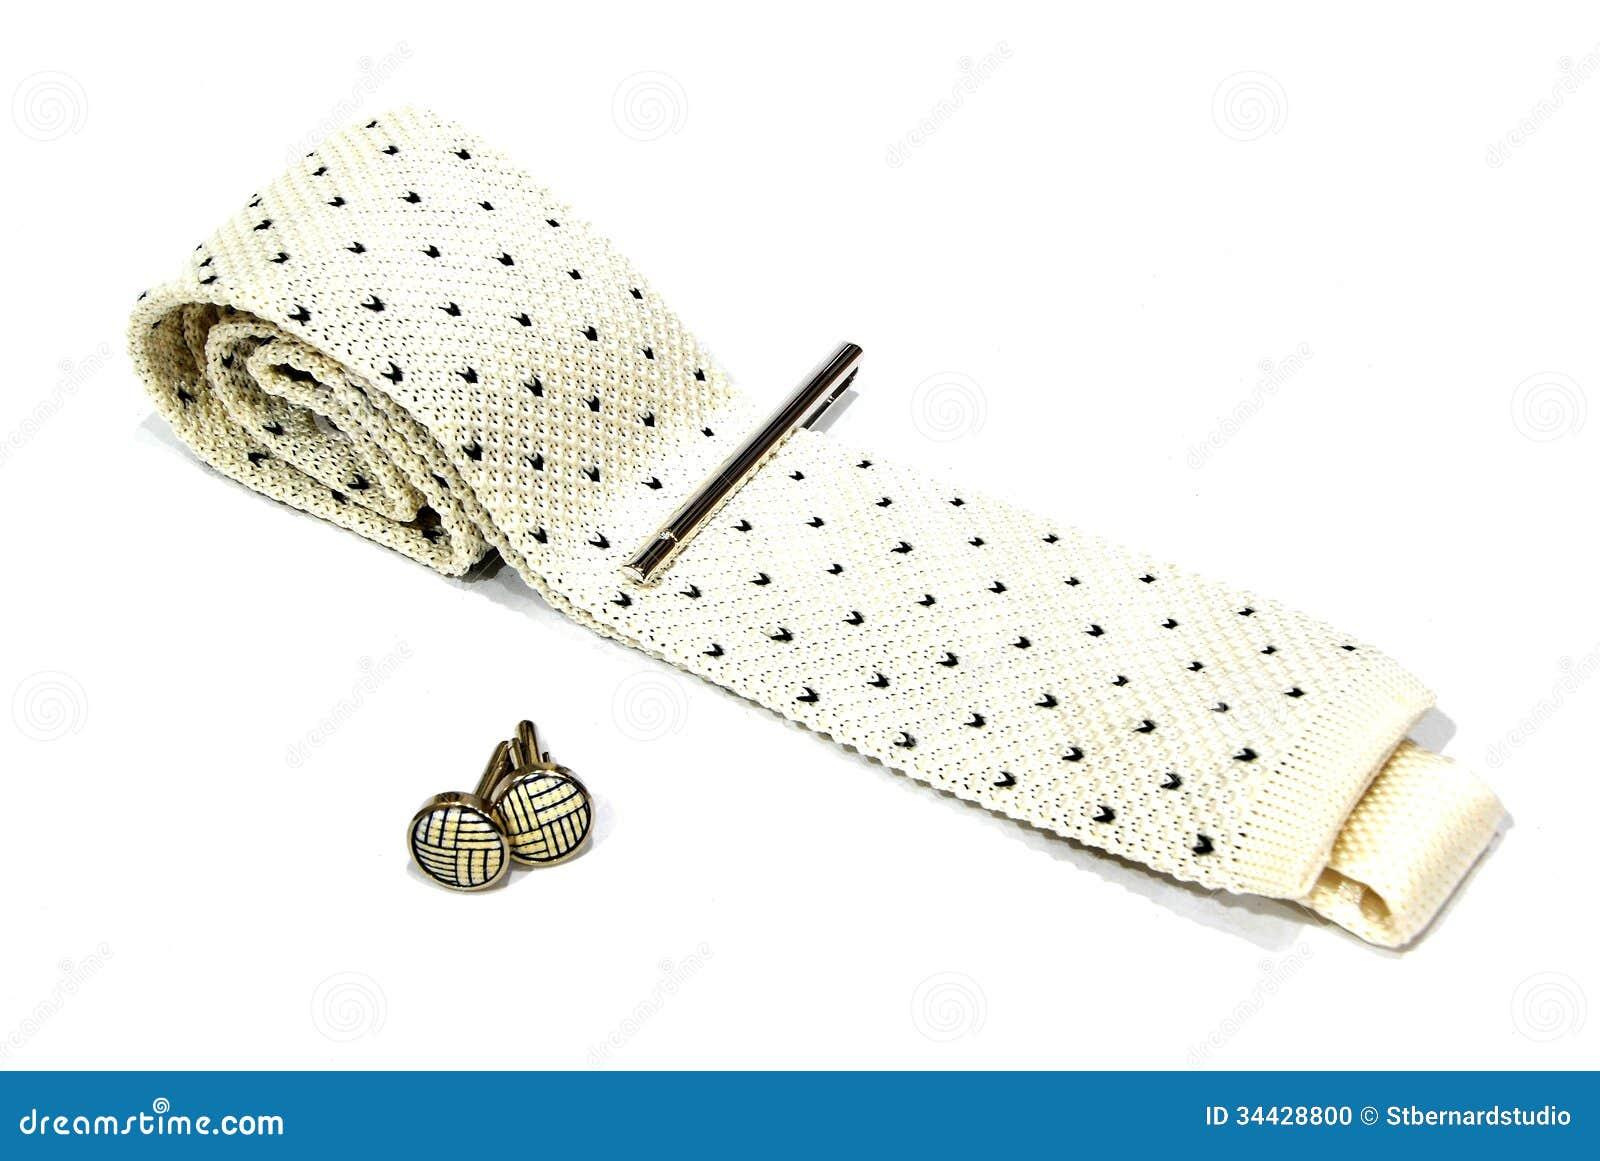 Ένας δεσμός, μια καρφίτσα γραβάτας και ένα μανικετόκουμπο